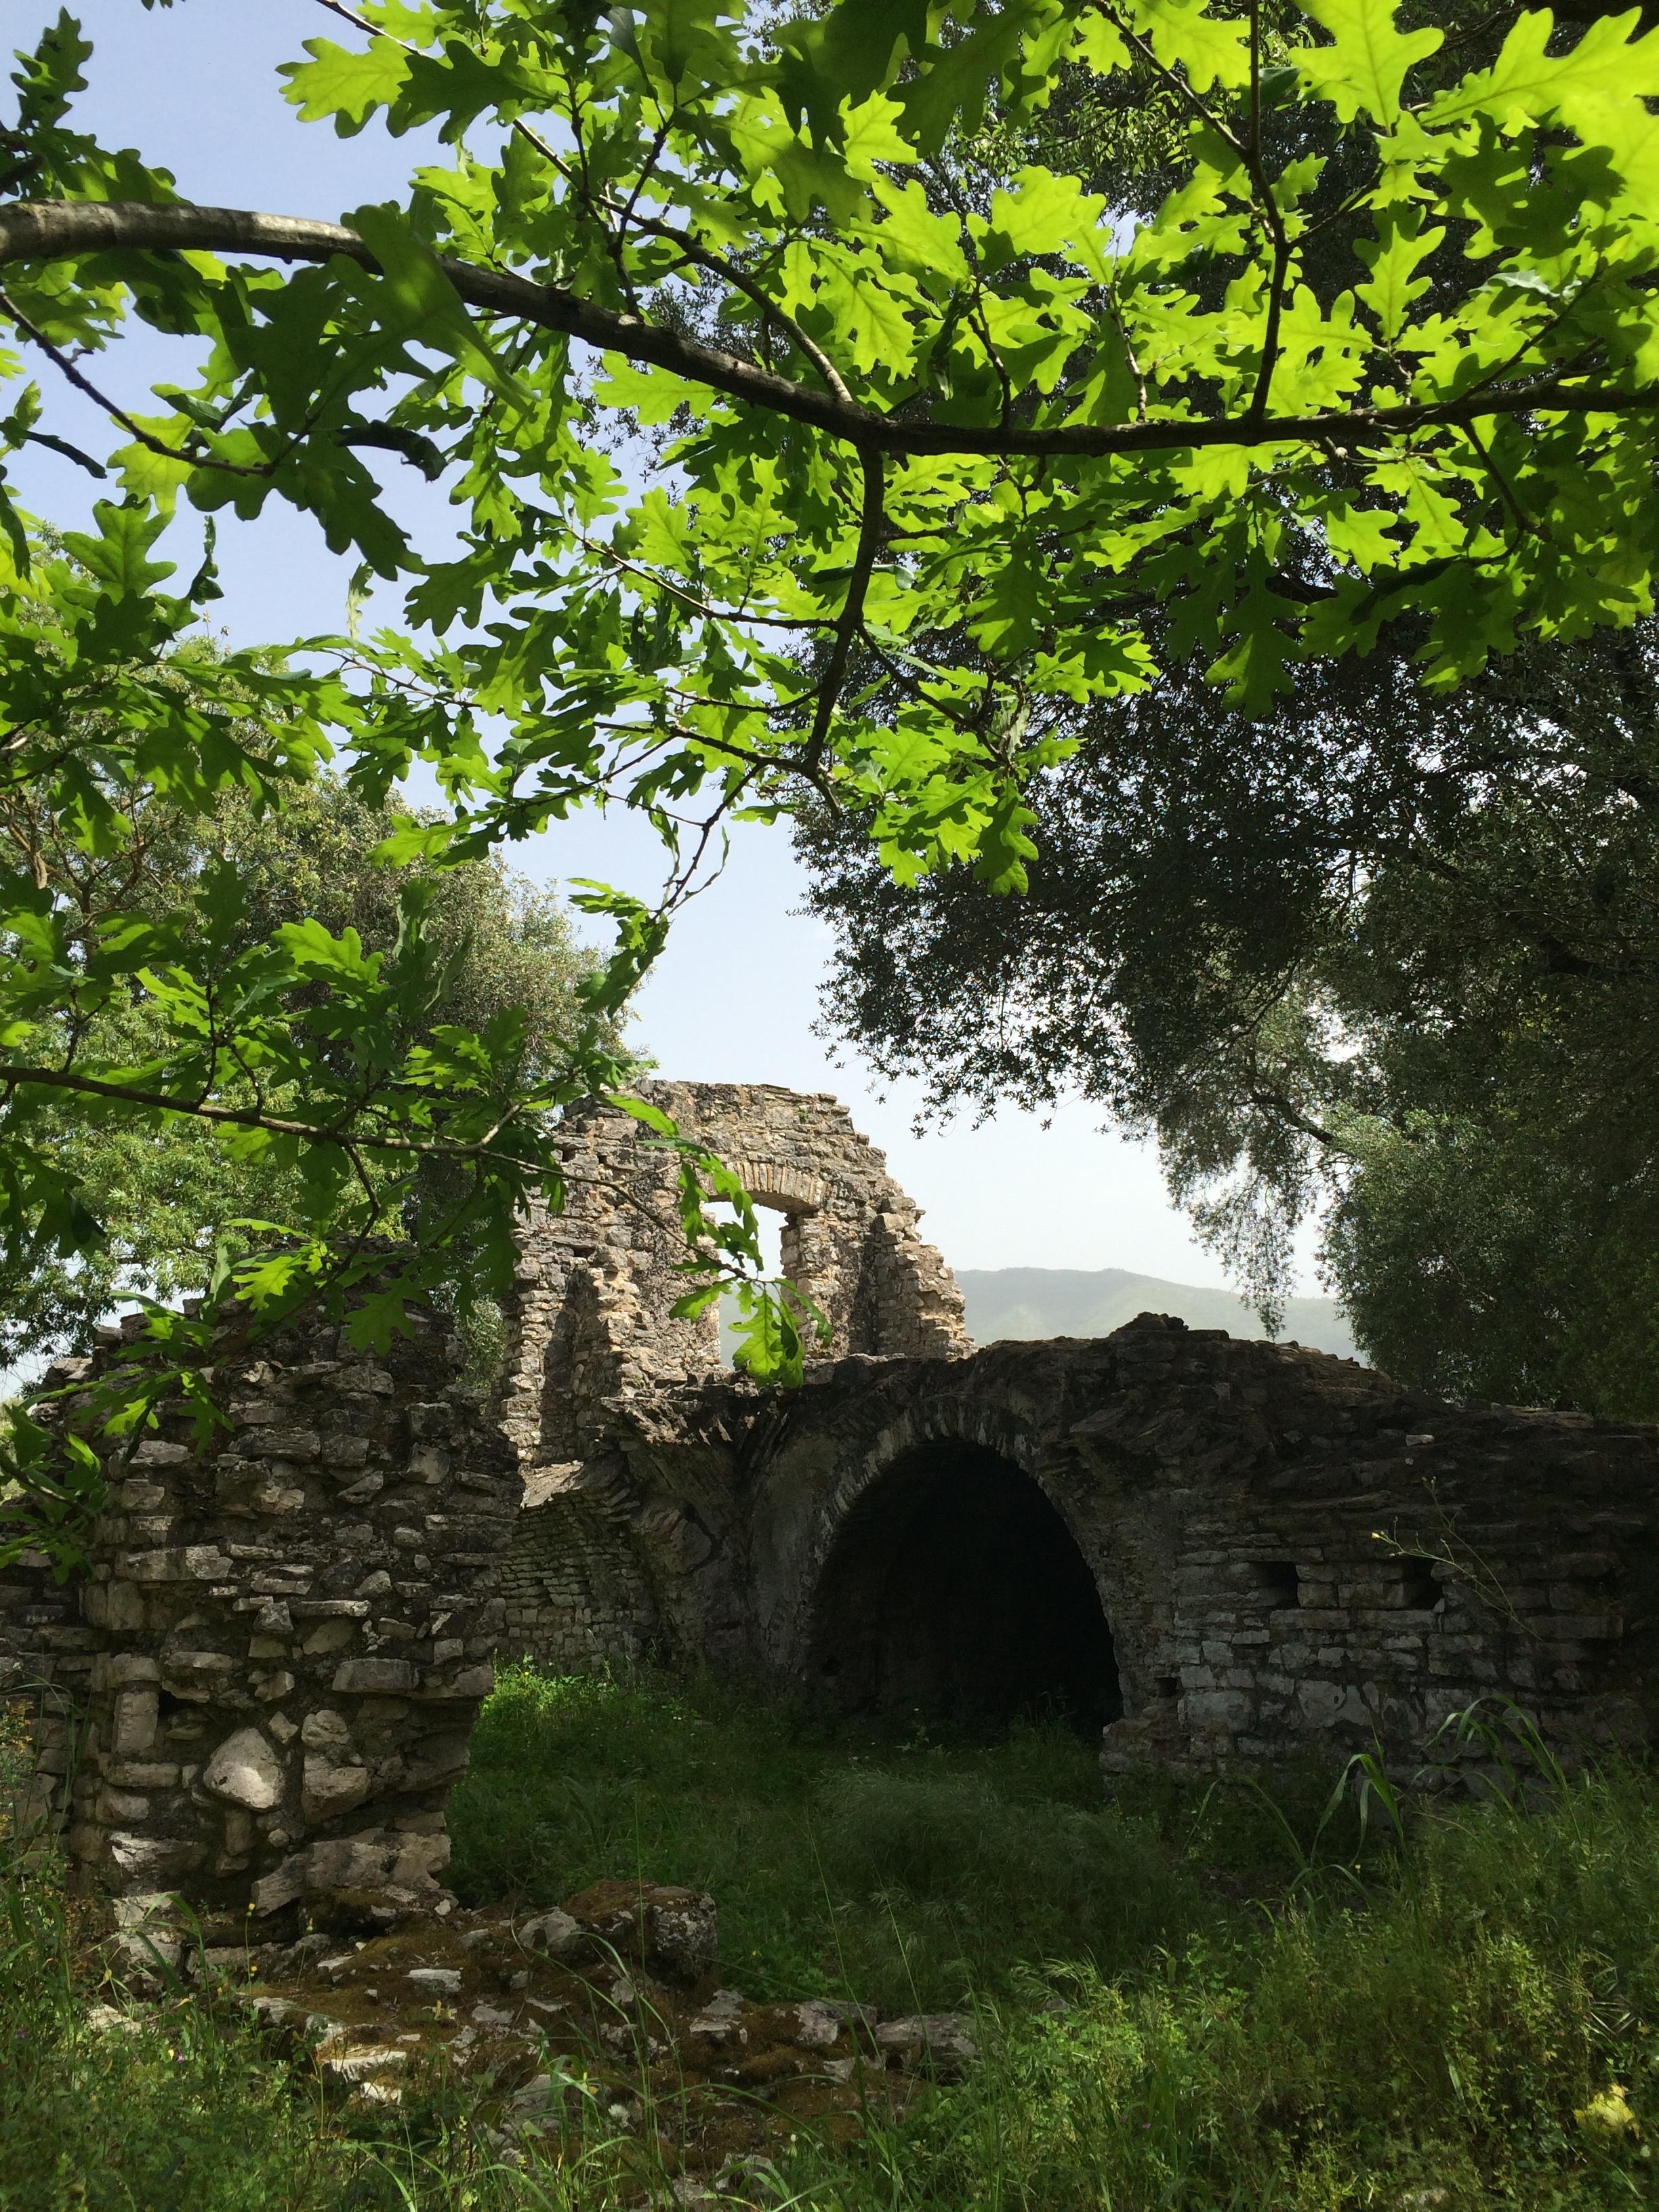 Vanha siltarakennuksen alku ylittämässä vesistöä. Kuva: Mirva Rannisto